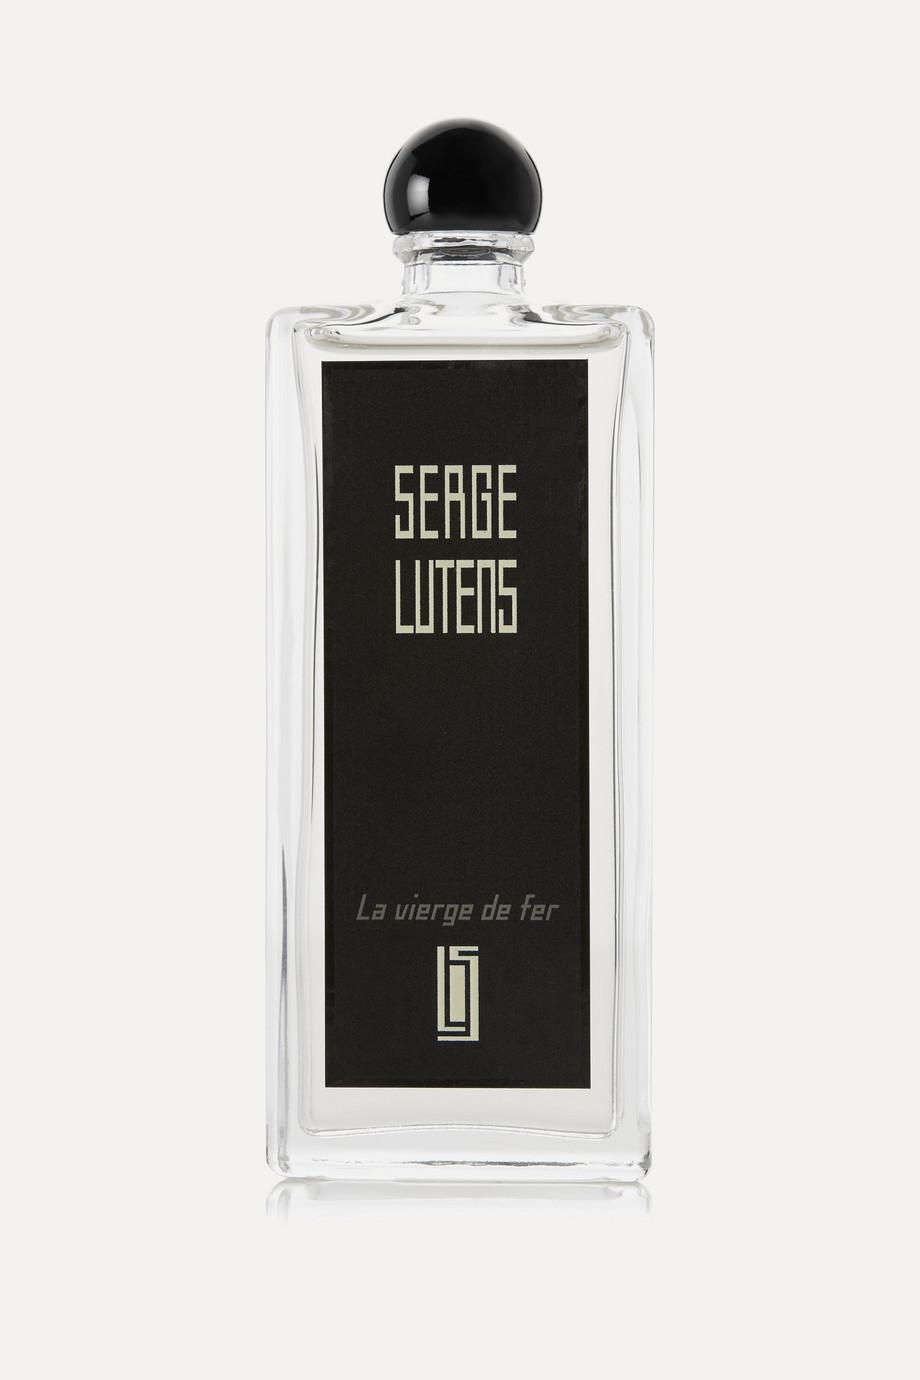 Serge Lutens Eau de Parfum - La Vierge De Fer, 50ml